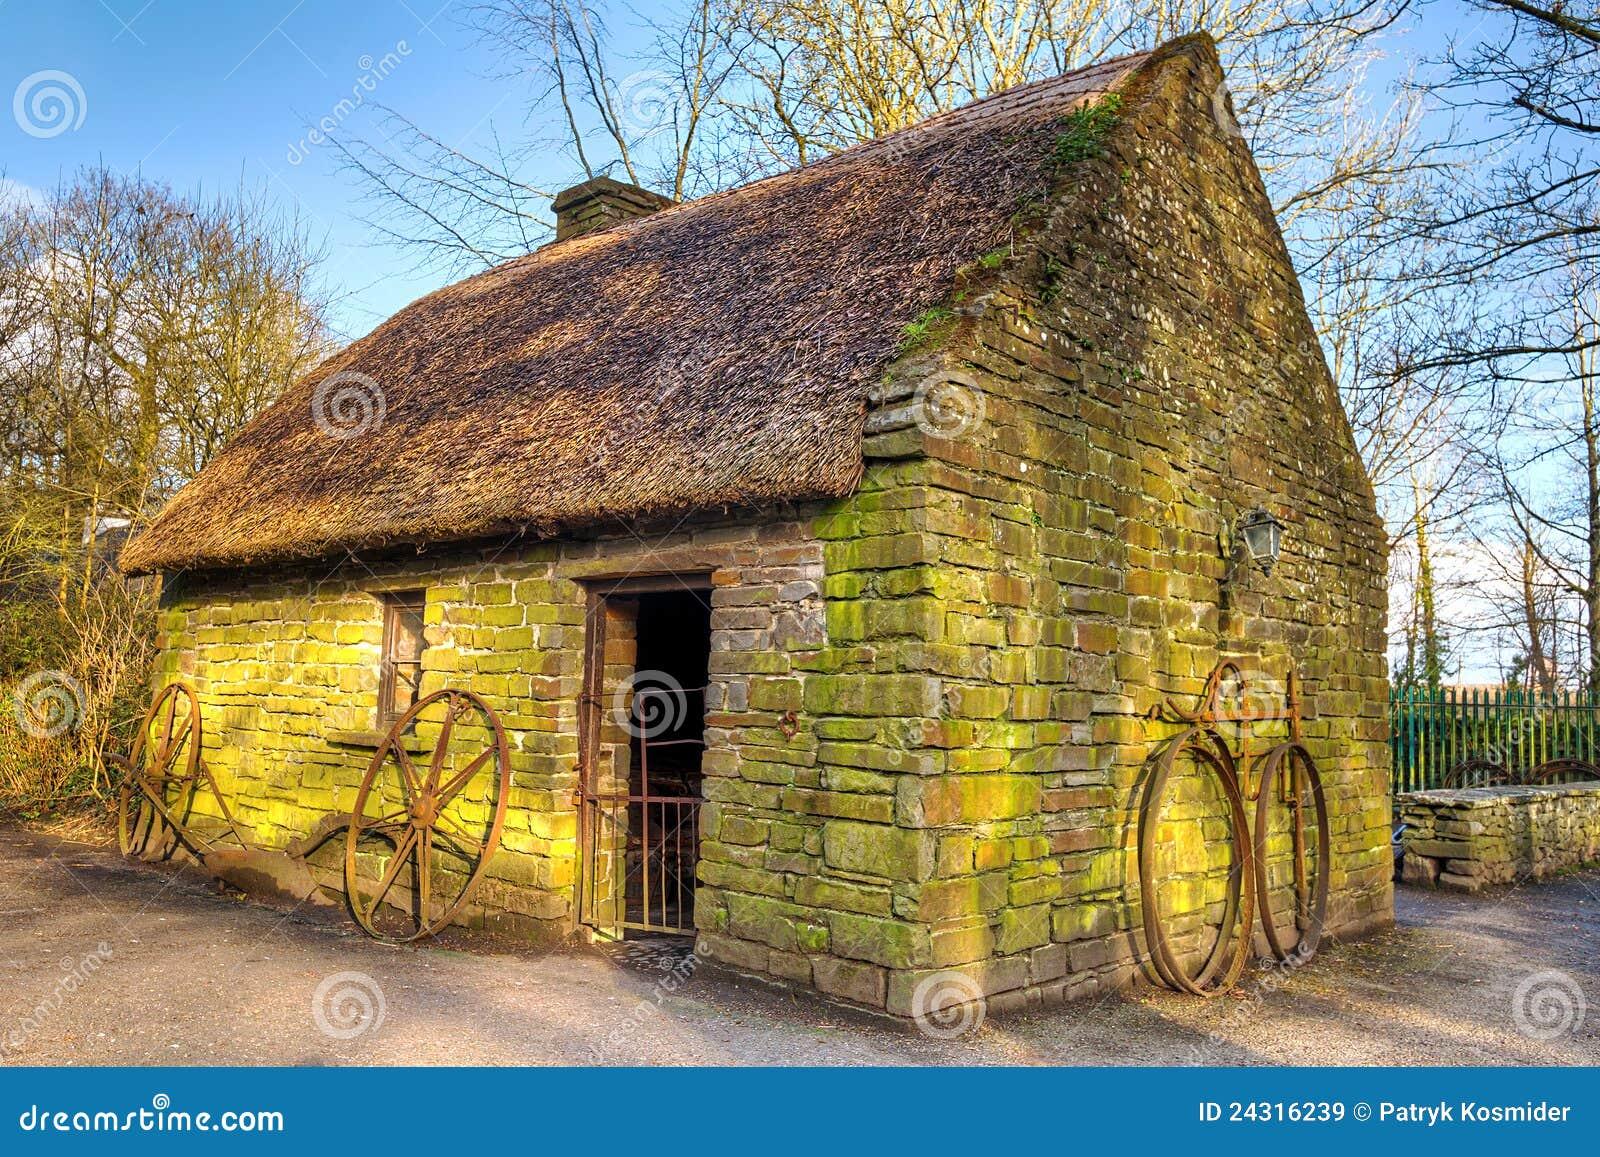 Old Irish Cottage House Royalty Free Stock Images Image